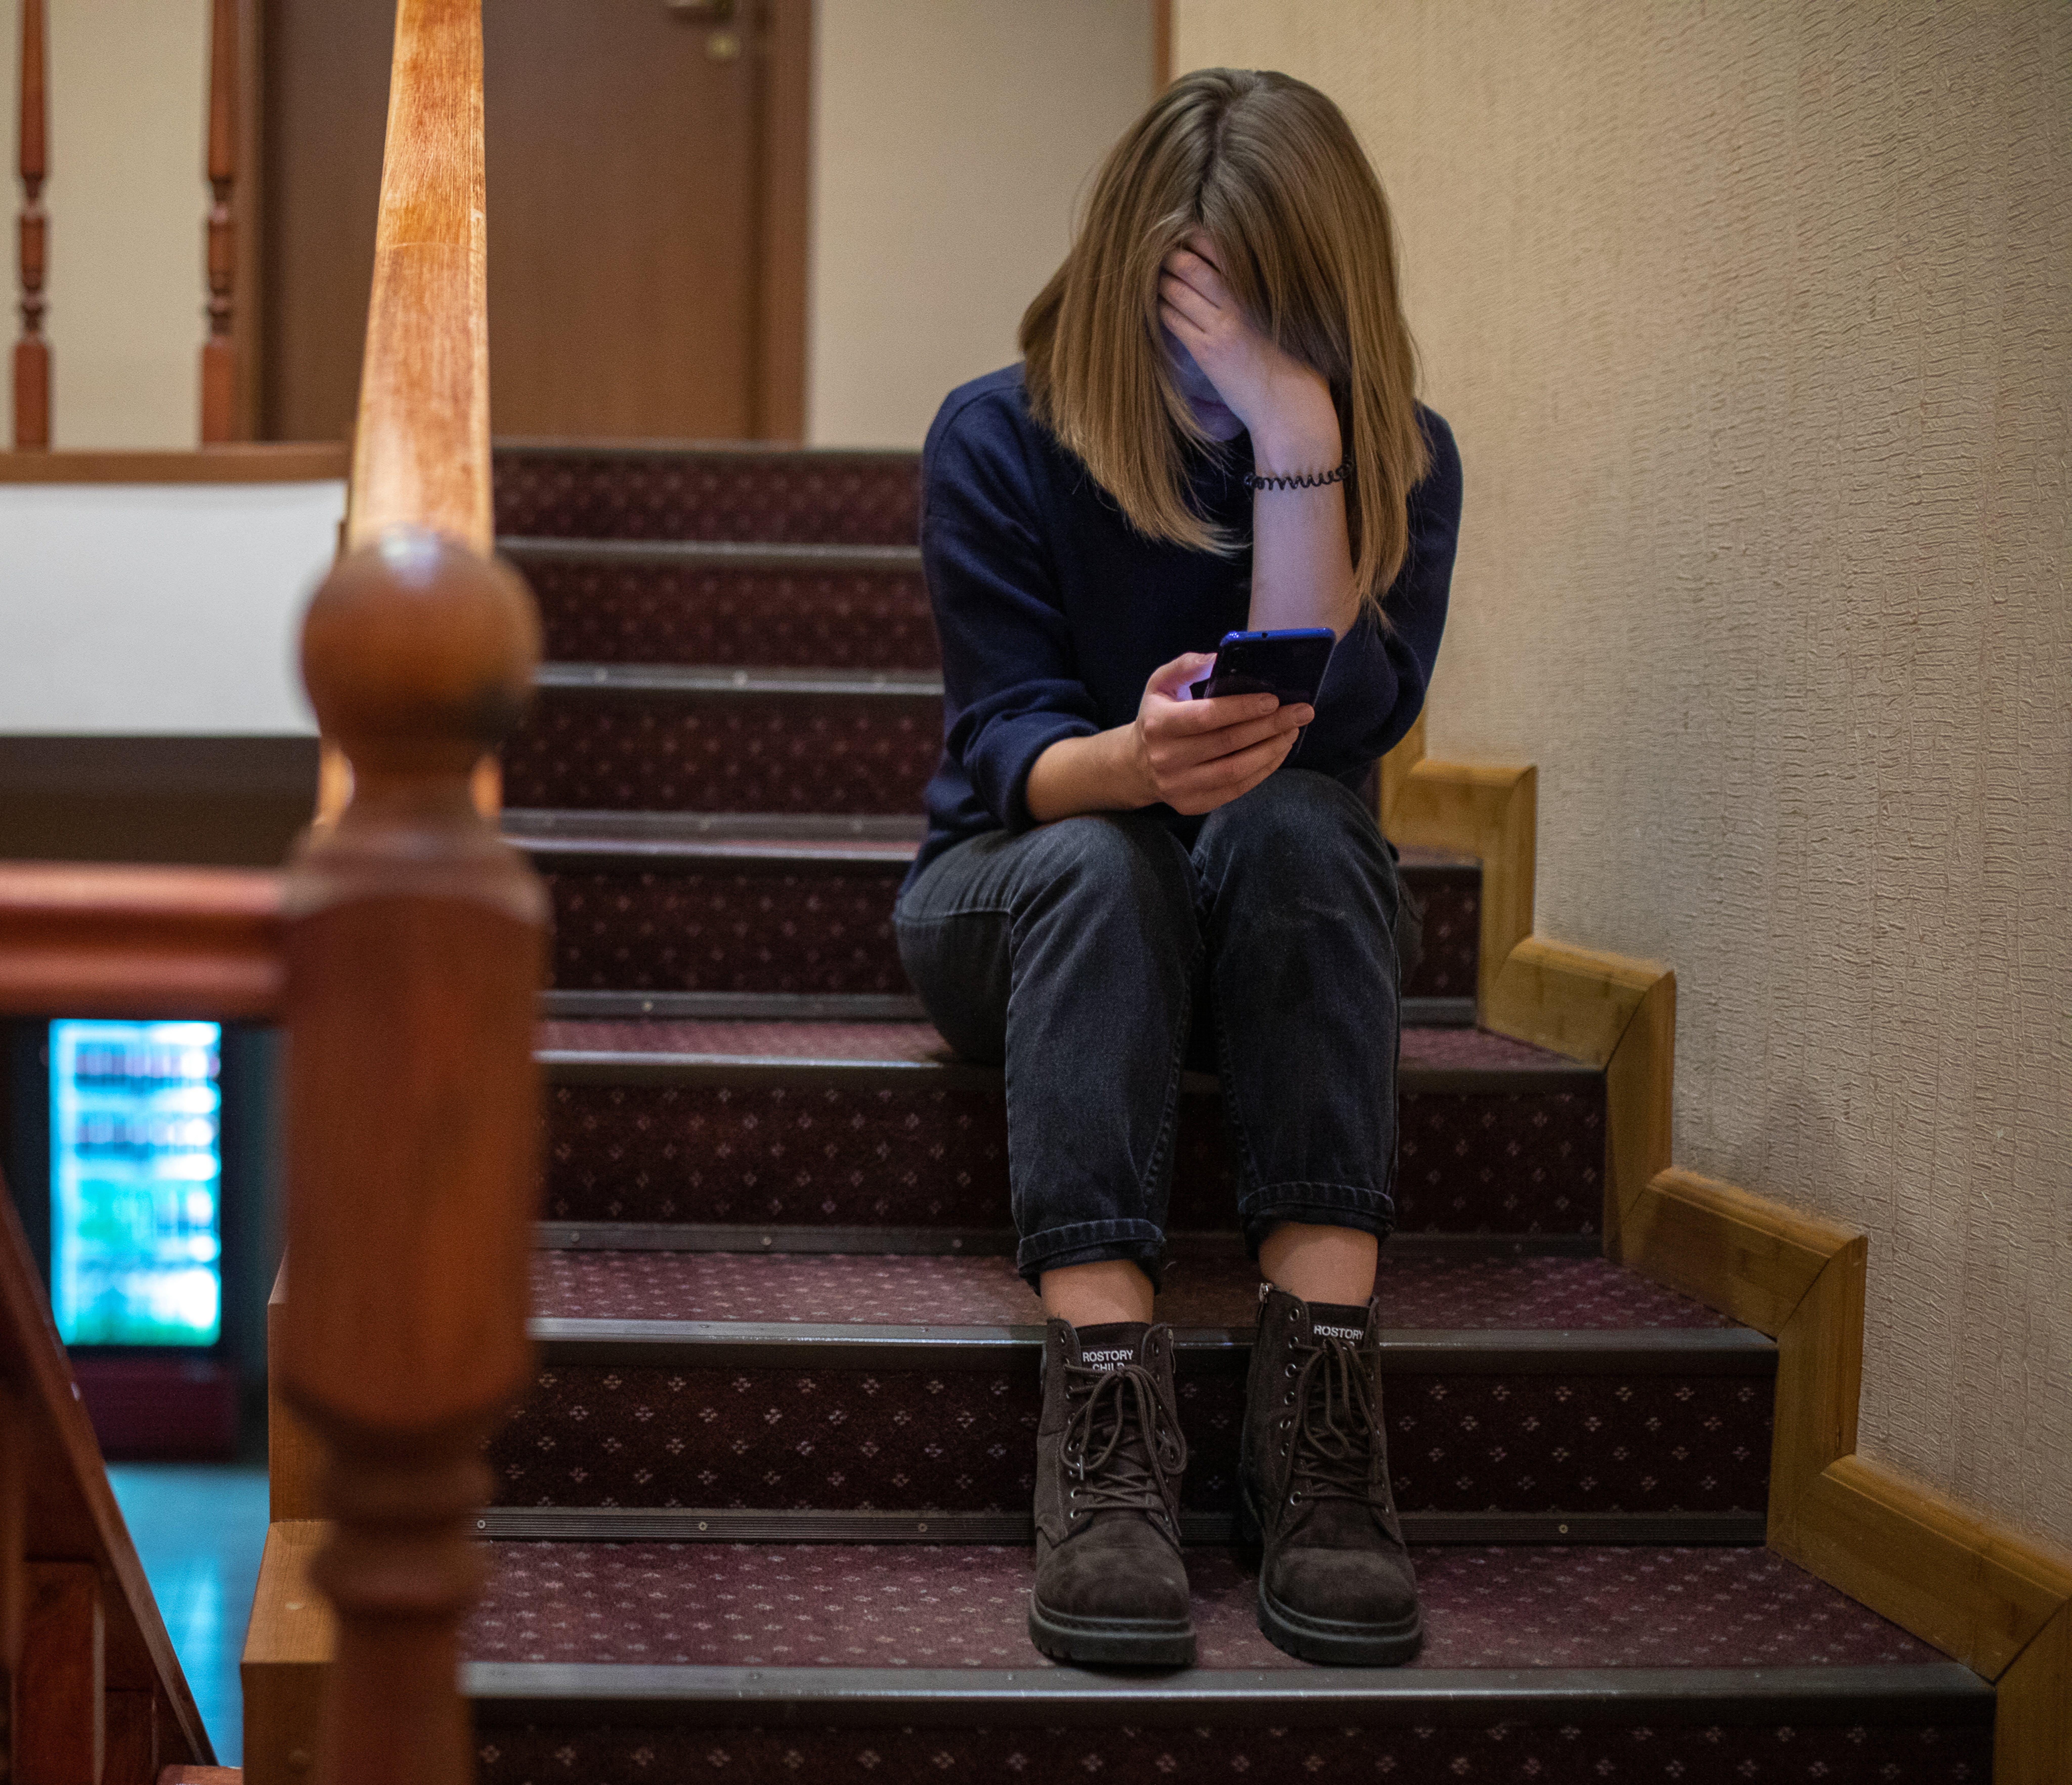 Ucraina, Valia, 15 anni, è seduta sulle scale mentre guarda il suo cellulare